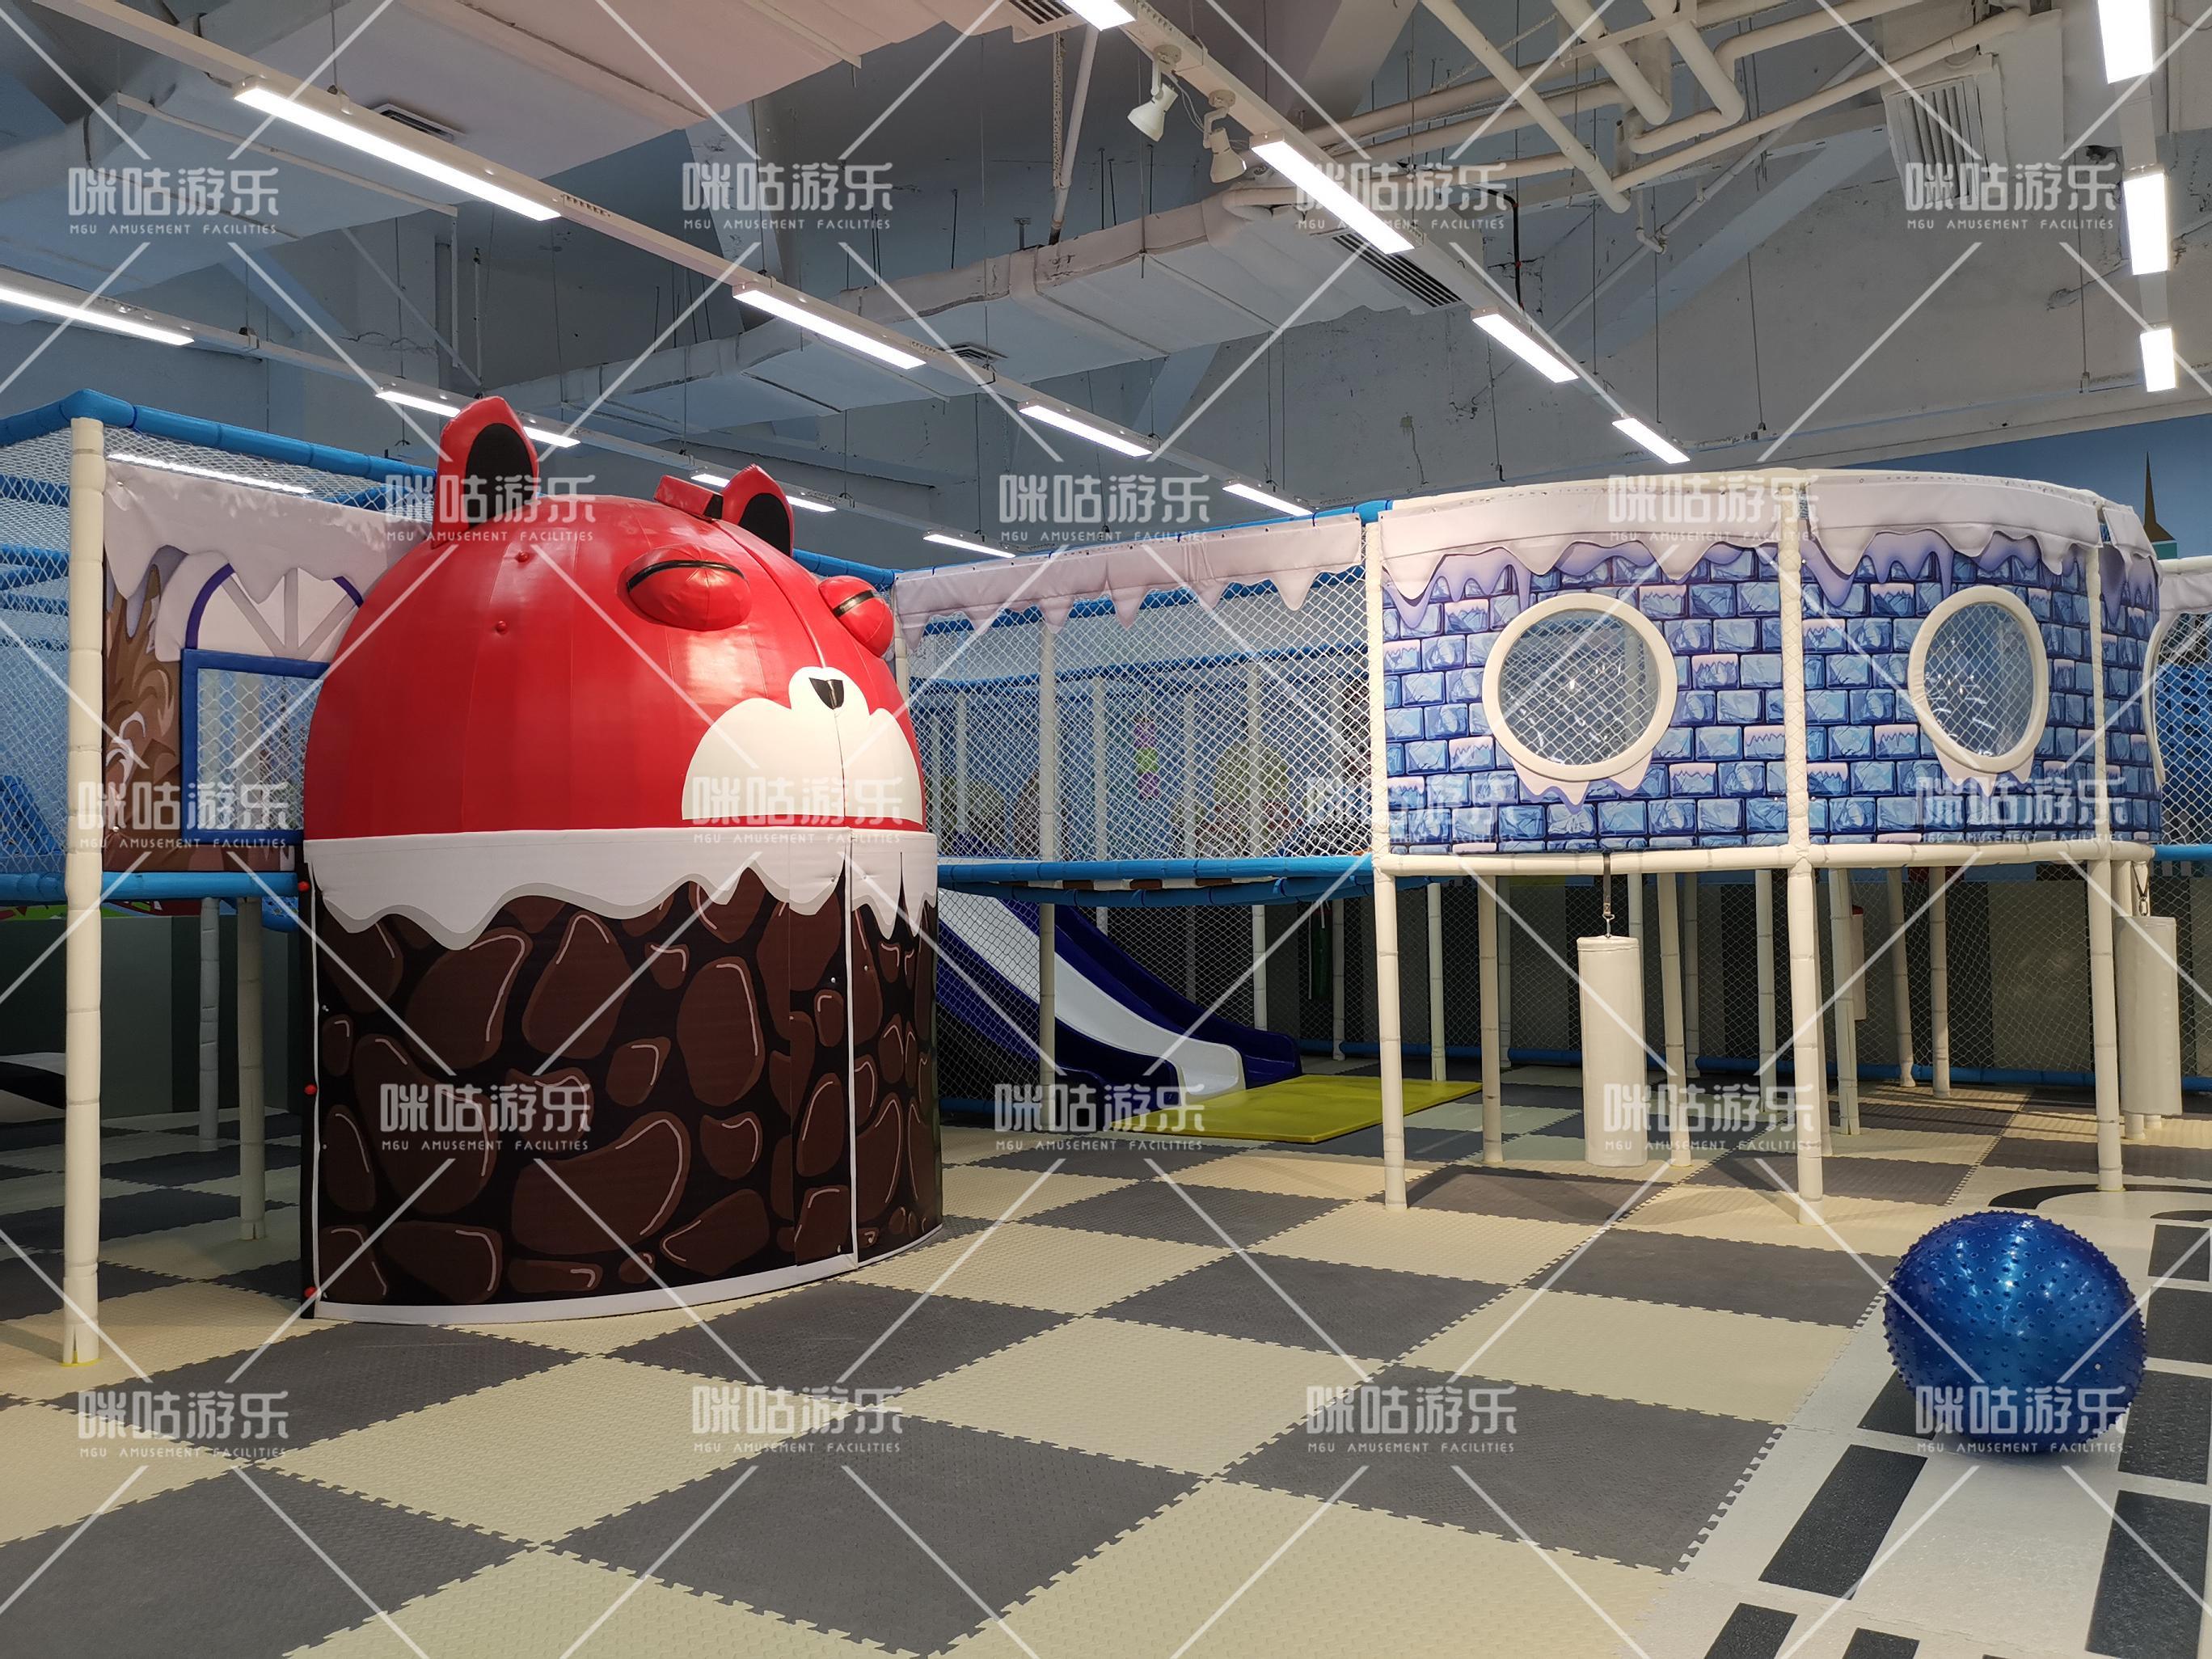 微信图片_20200429160038 - 副本 - 副本.jpg 定西儿童乐园厂家设备 加盟资讯 游乐设备第4张